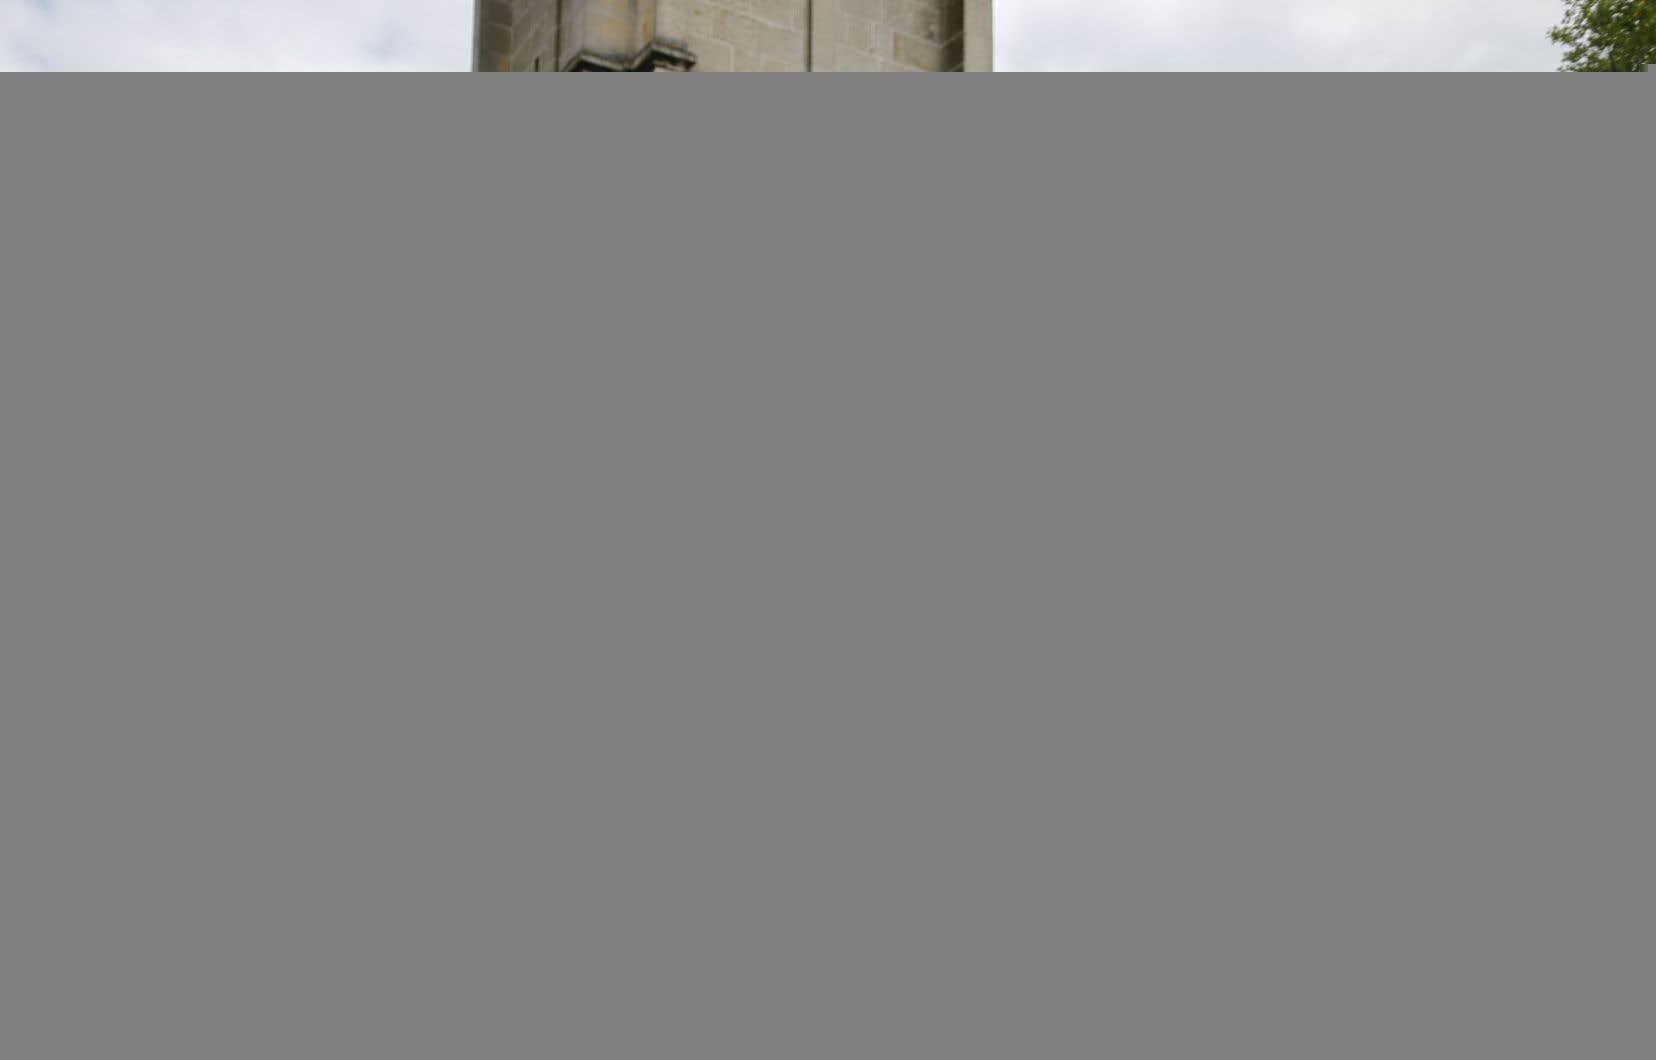 Une femme musulmane déposait des fleurs devant l'église de Saint-Étienne-du-Rouvray, en France, où le prêtre Hamel a été assassiné le 26 juillet dernier.